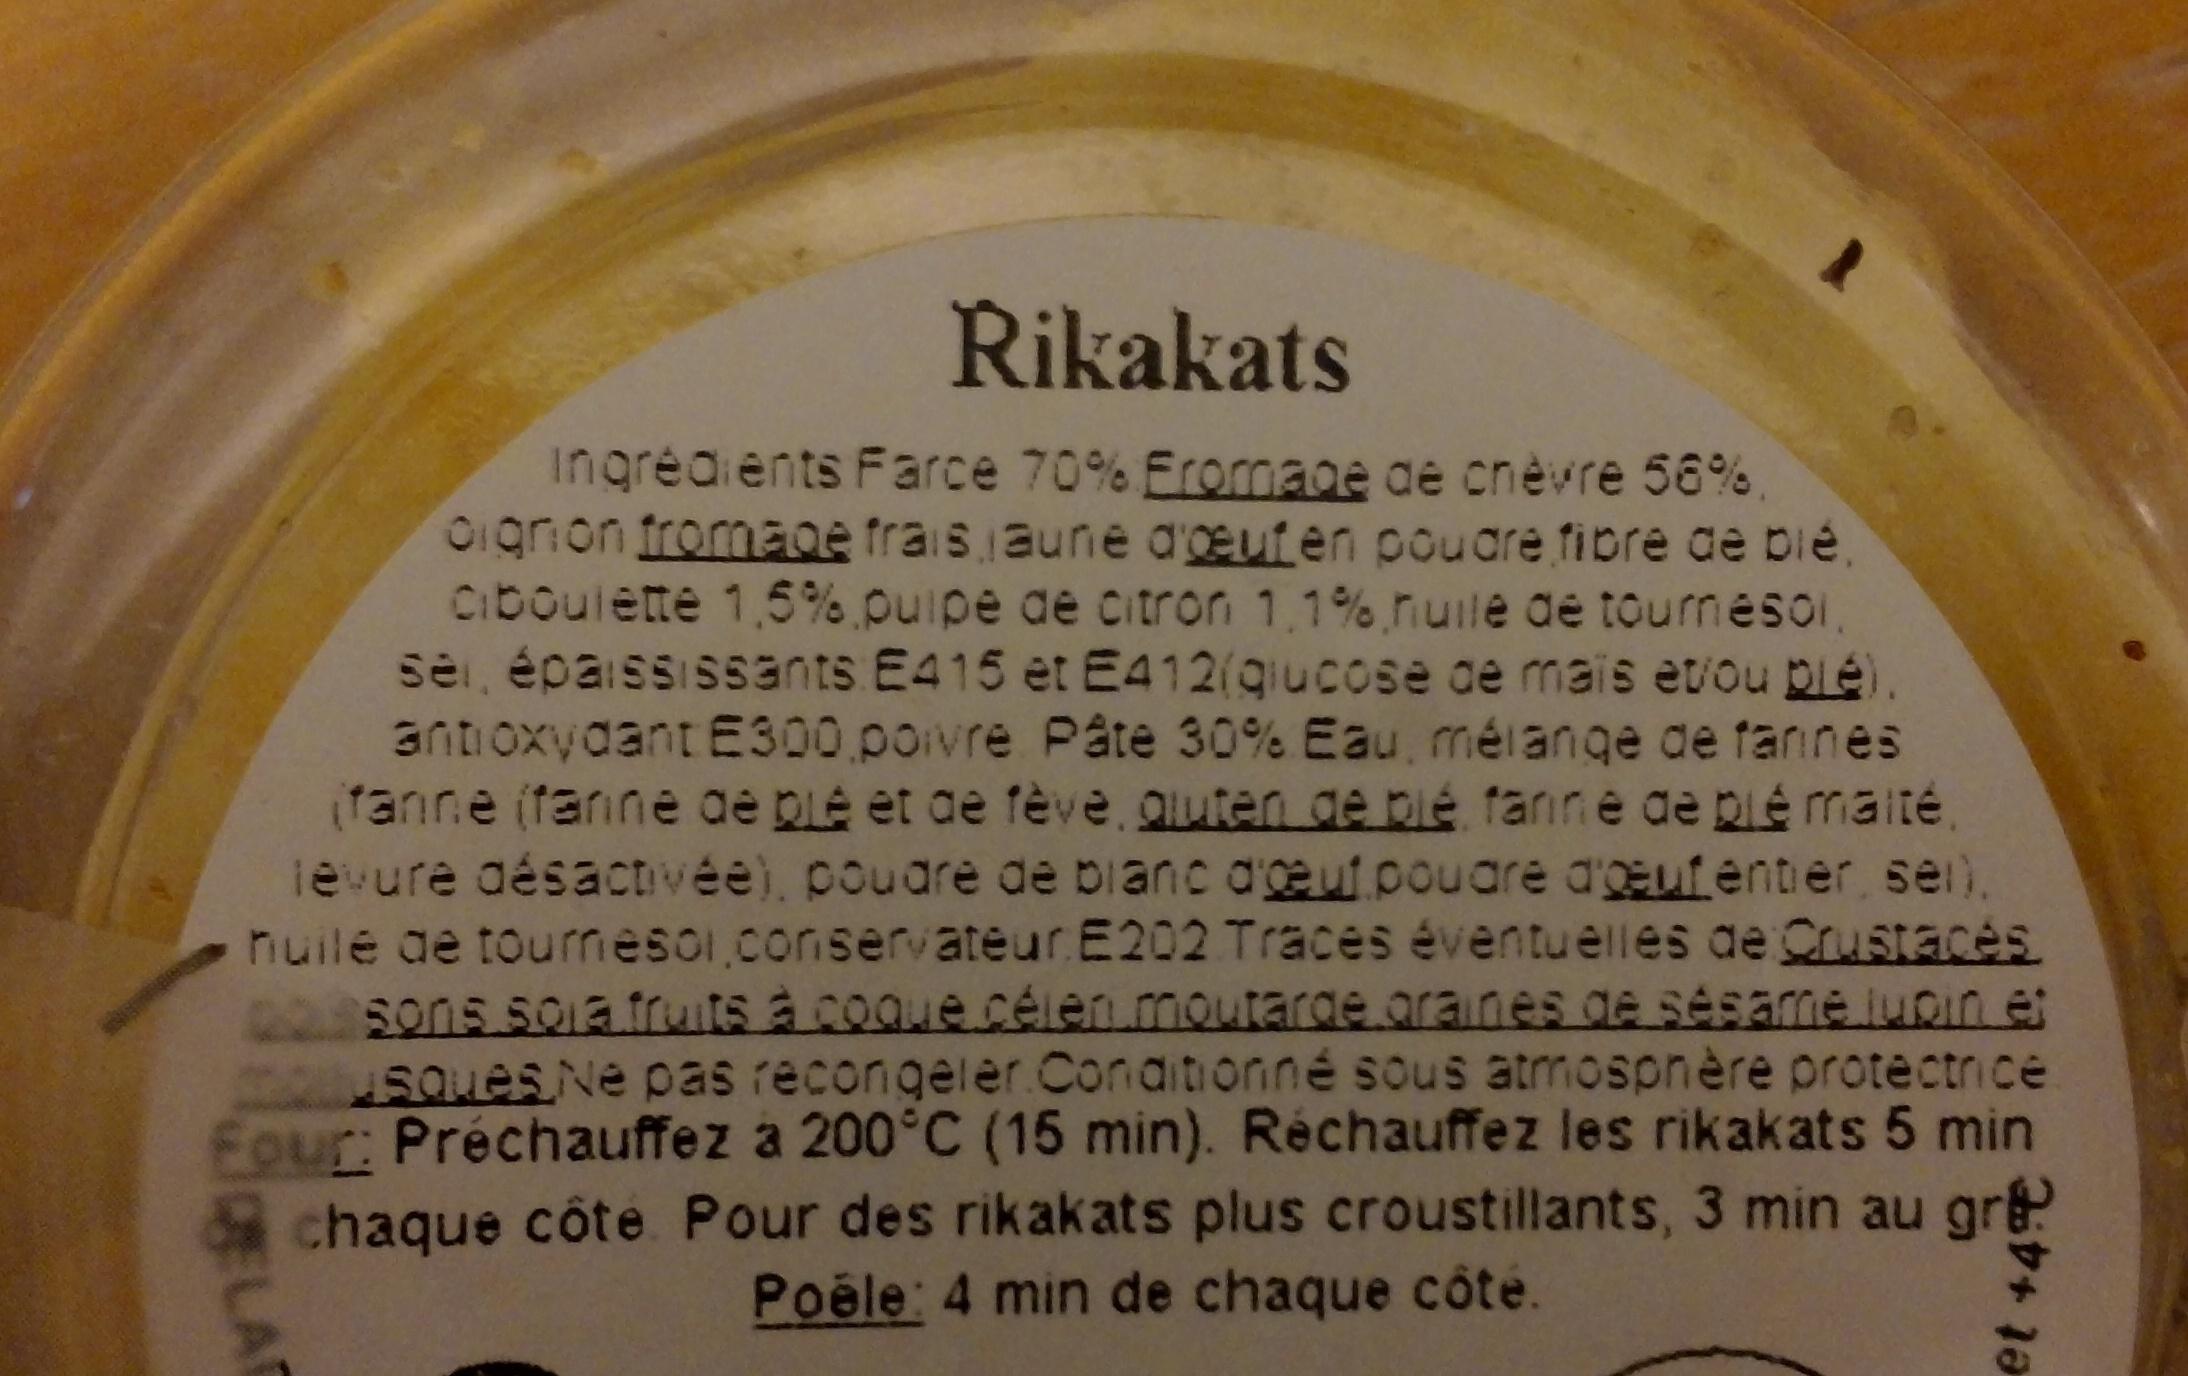 5 rikakats fromage de chèvre, citron & ciboulette - Voedingswaarden - fr